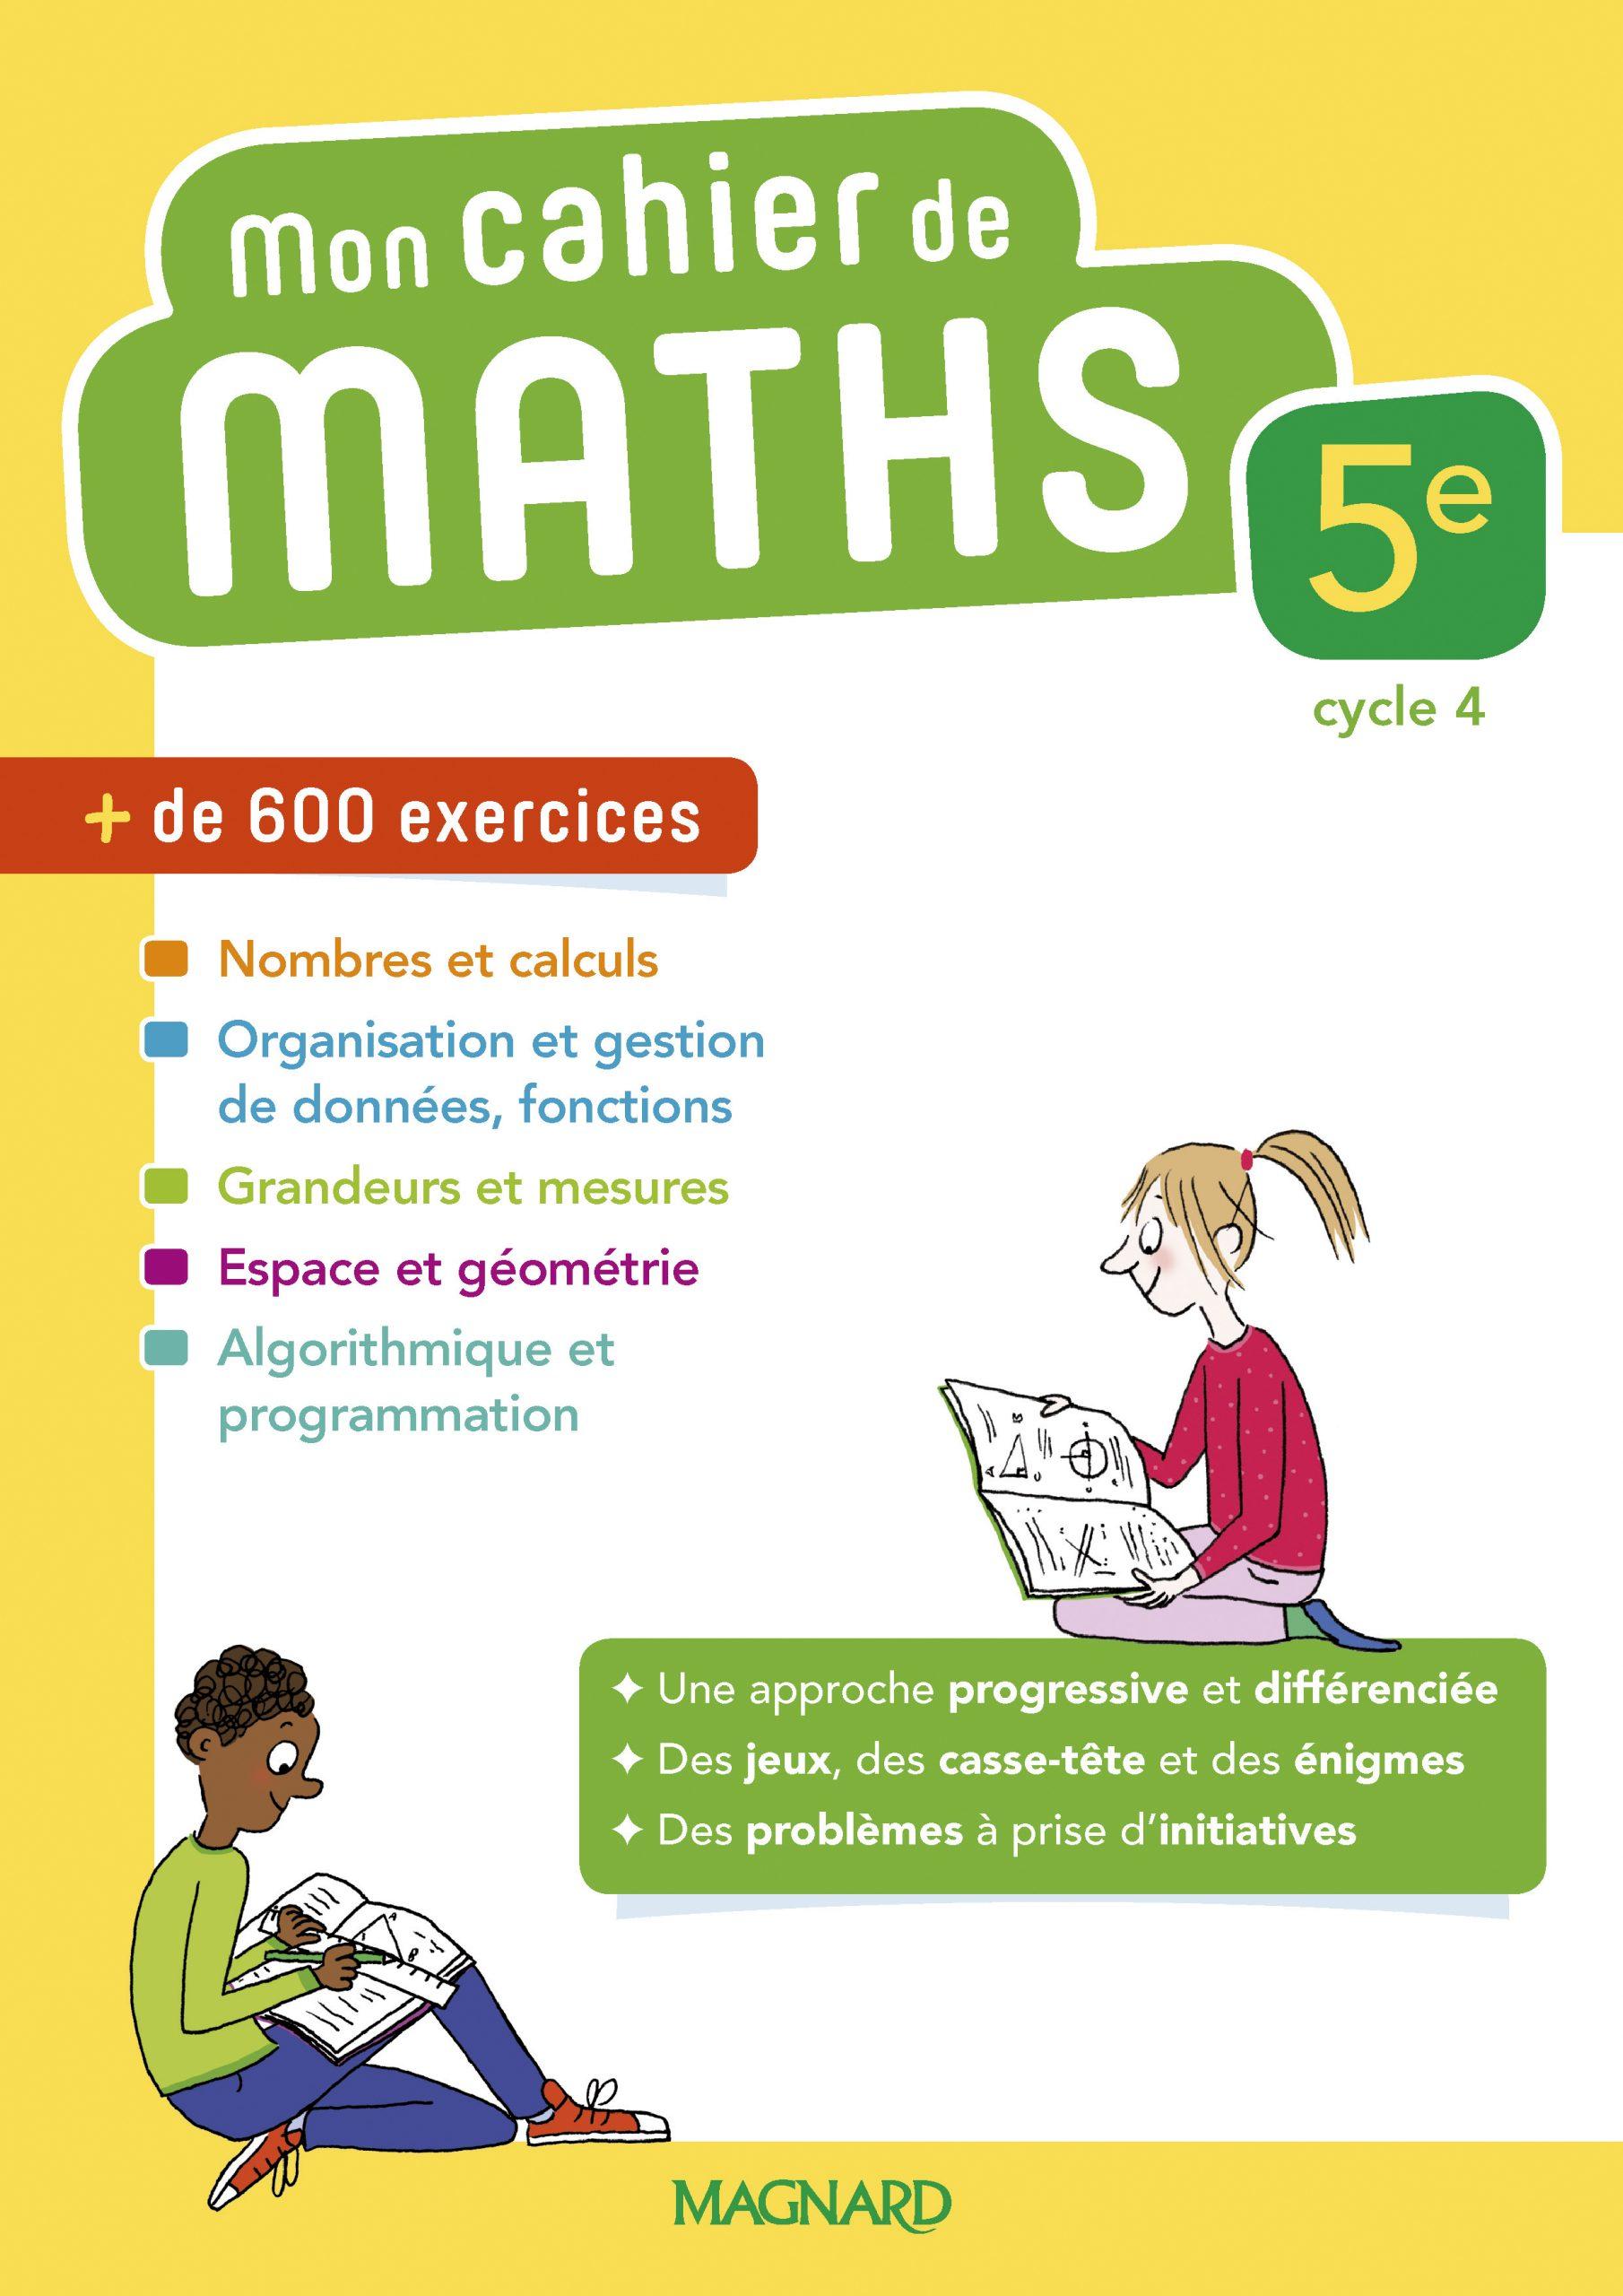 Mon Cahier De Maths 5E (2018) | Magnard Enseignants dedans Jeux De Maths Gratuit